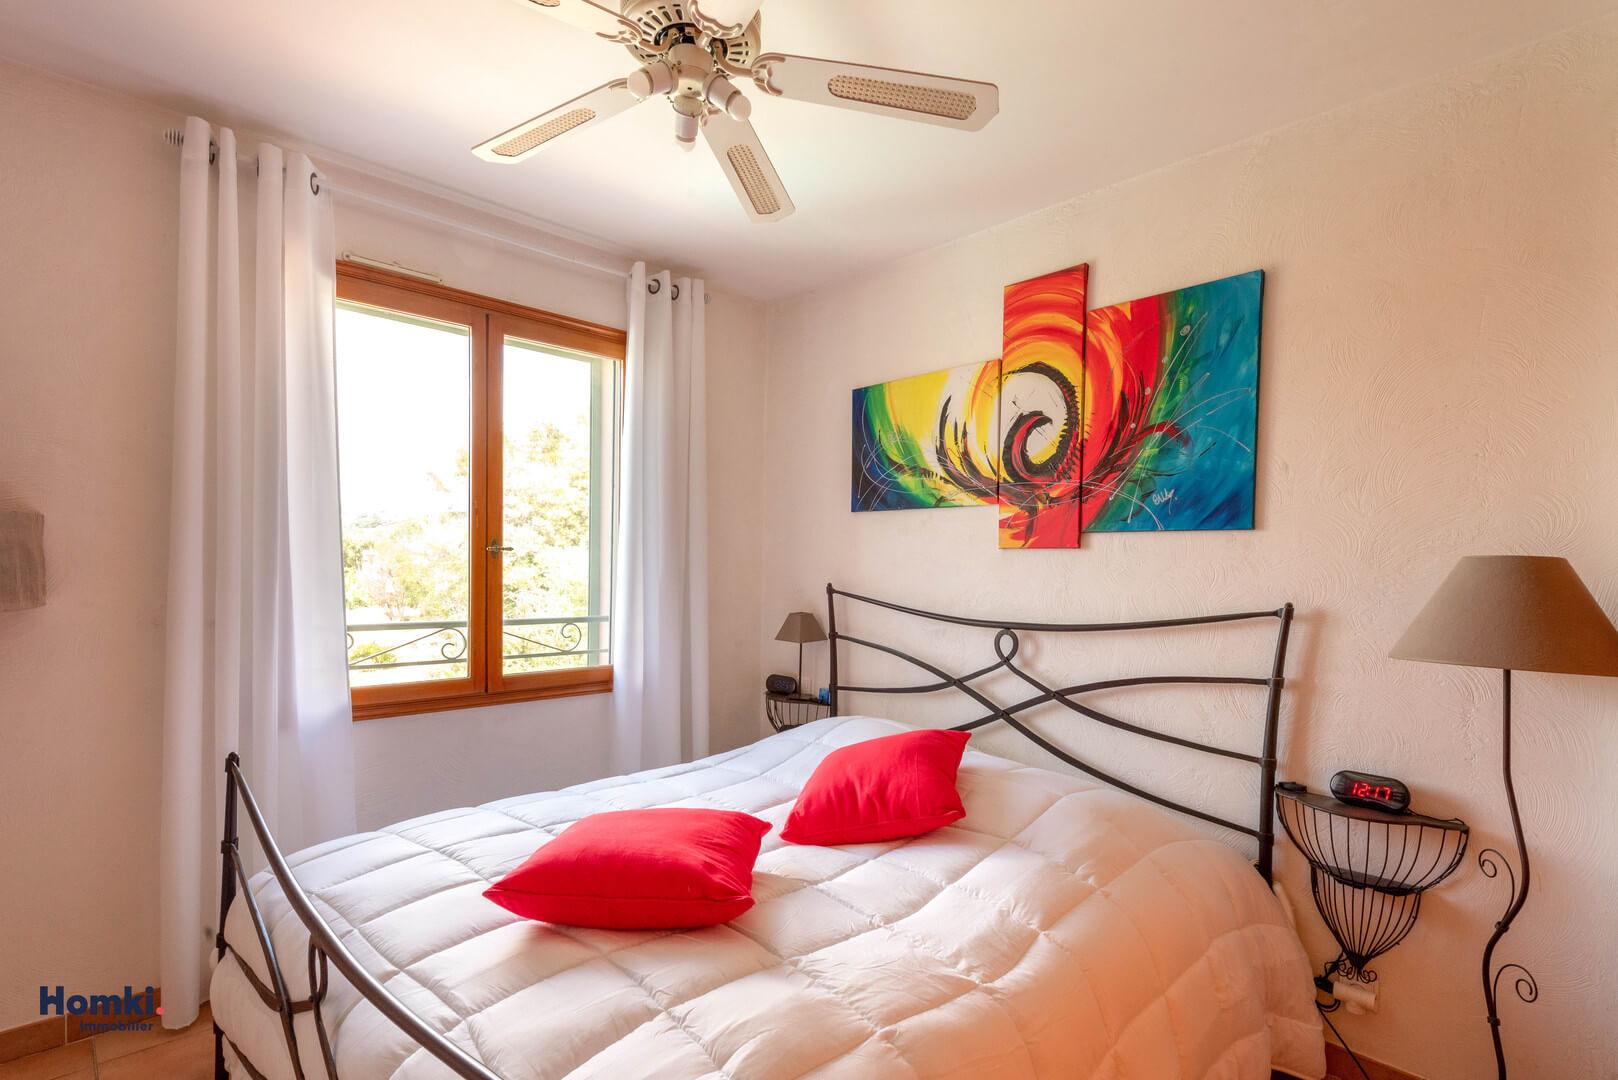 Vente Maison 169 m² T7 06410 Biot_11